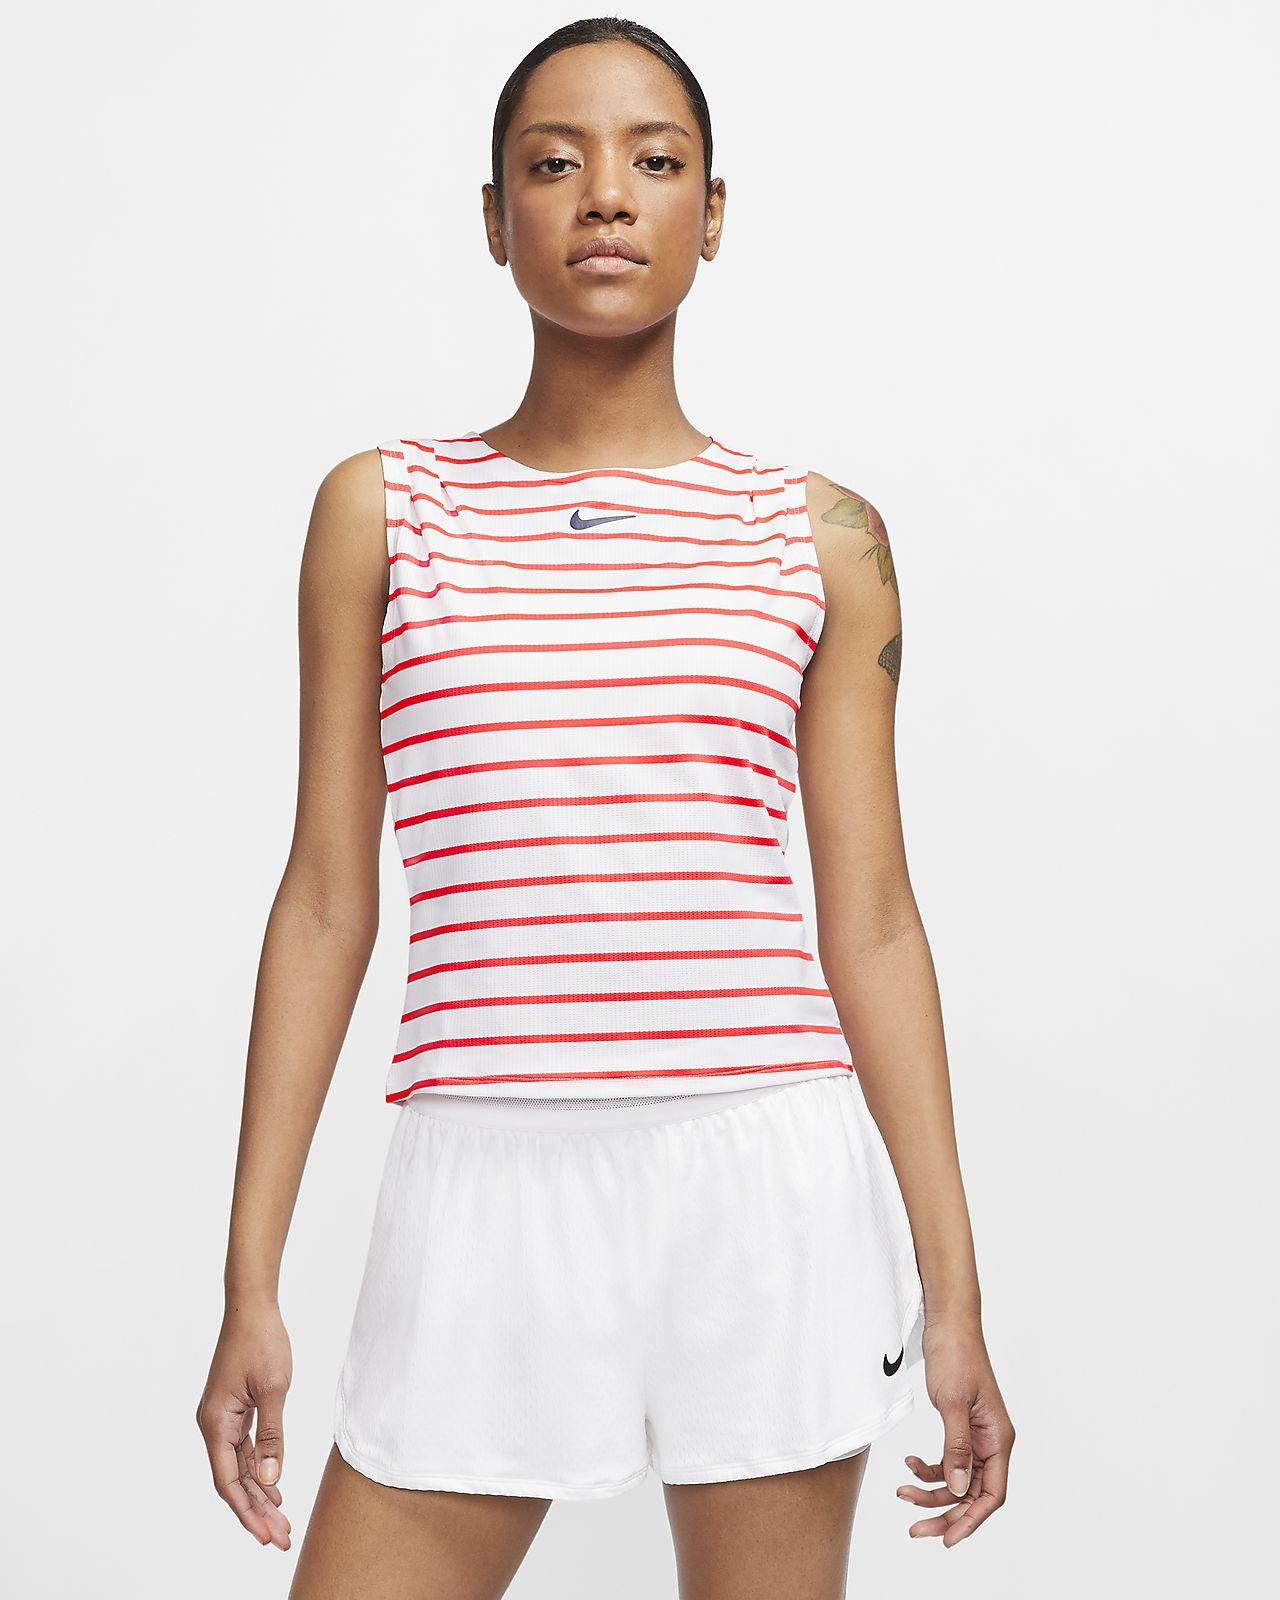 Damska koszulka bez rękawów do tenisa NikeCourt Dri-FIT Maria